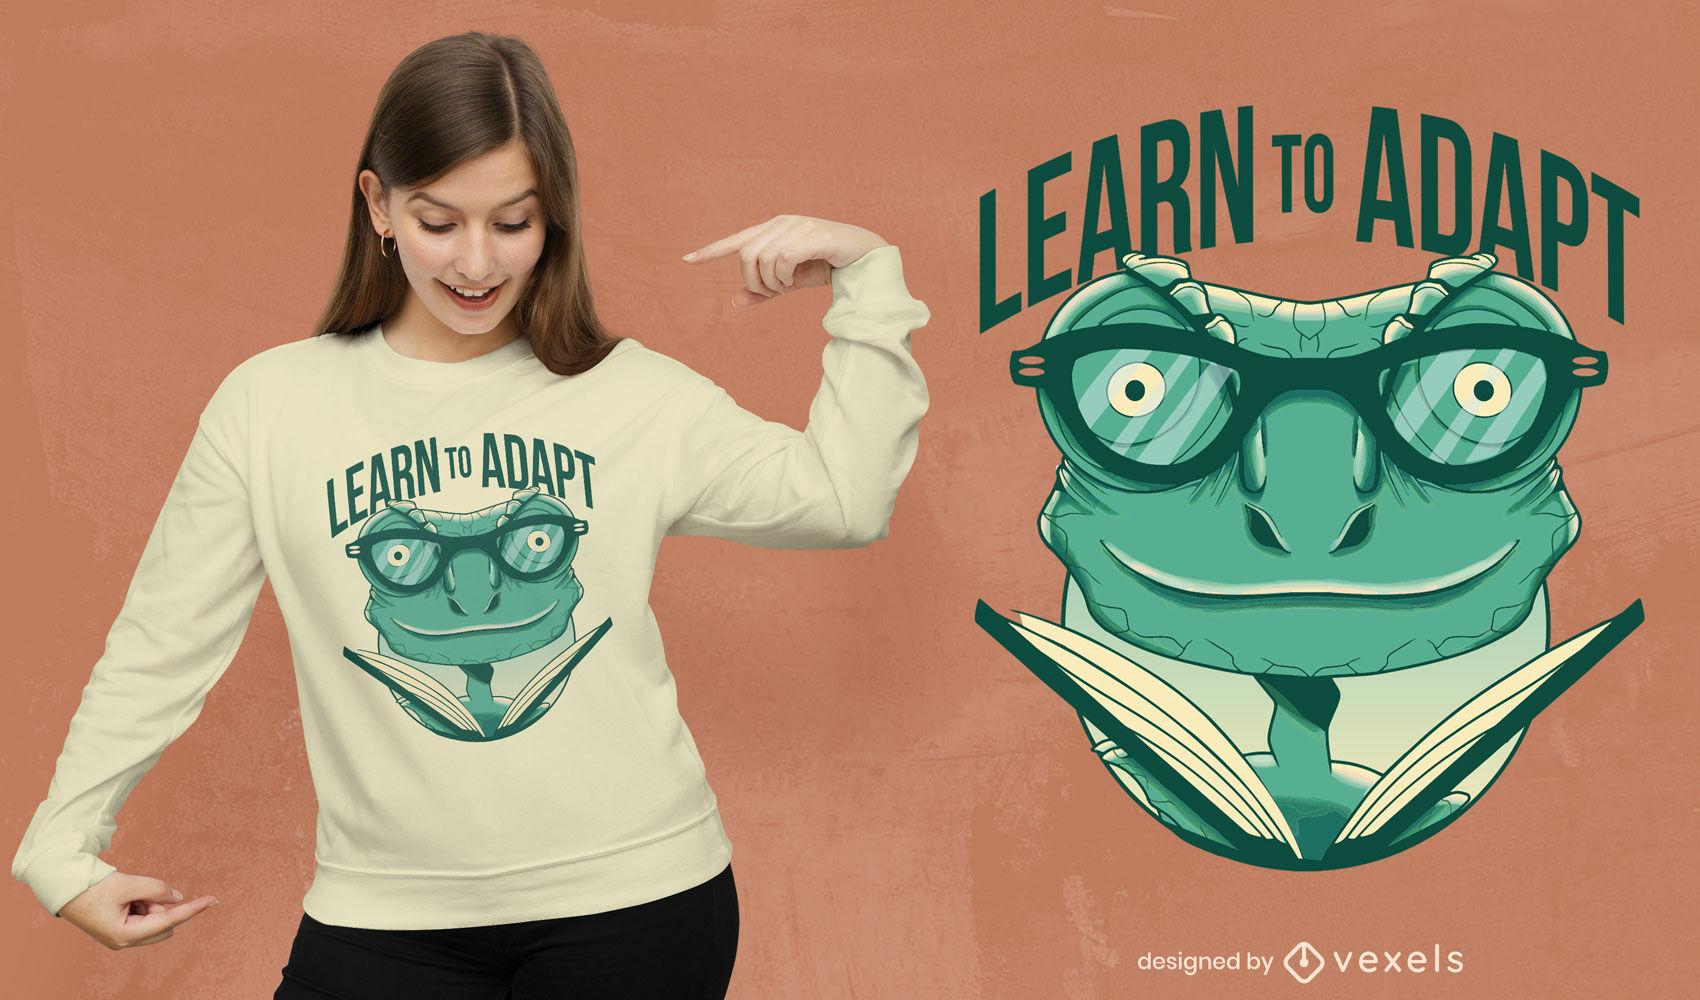 Aprenda a adaptar a leitura do design da camiseta camaleão